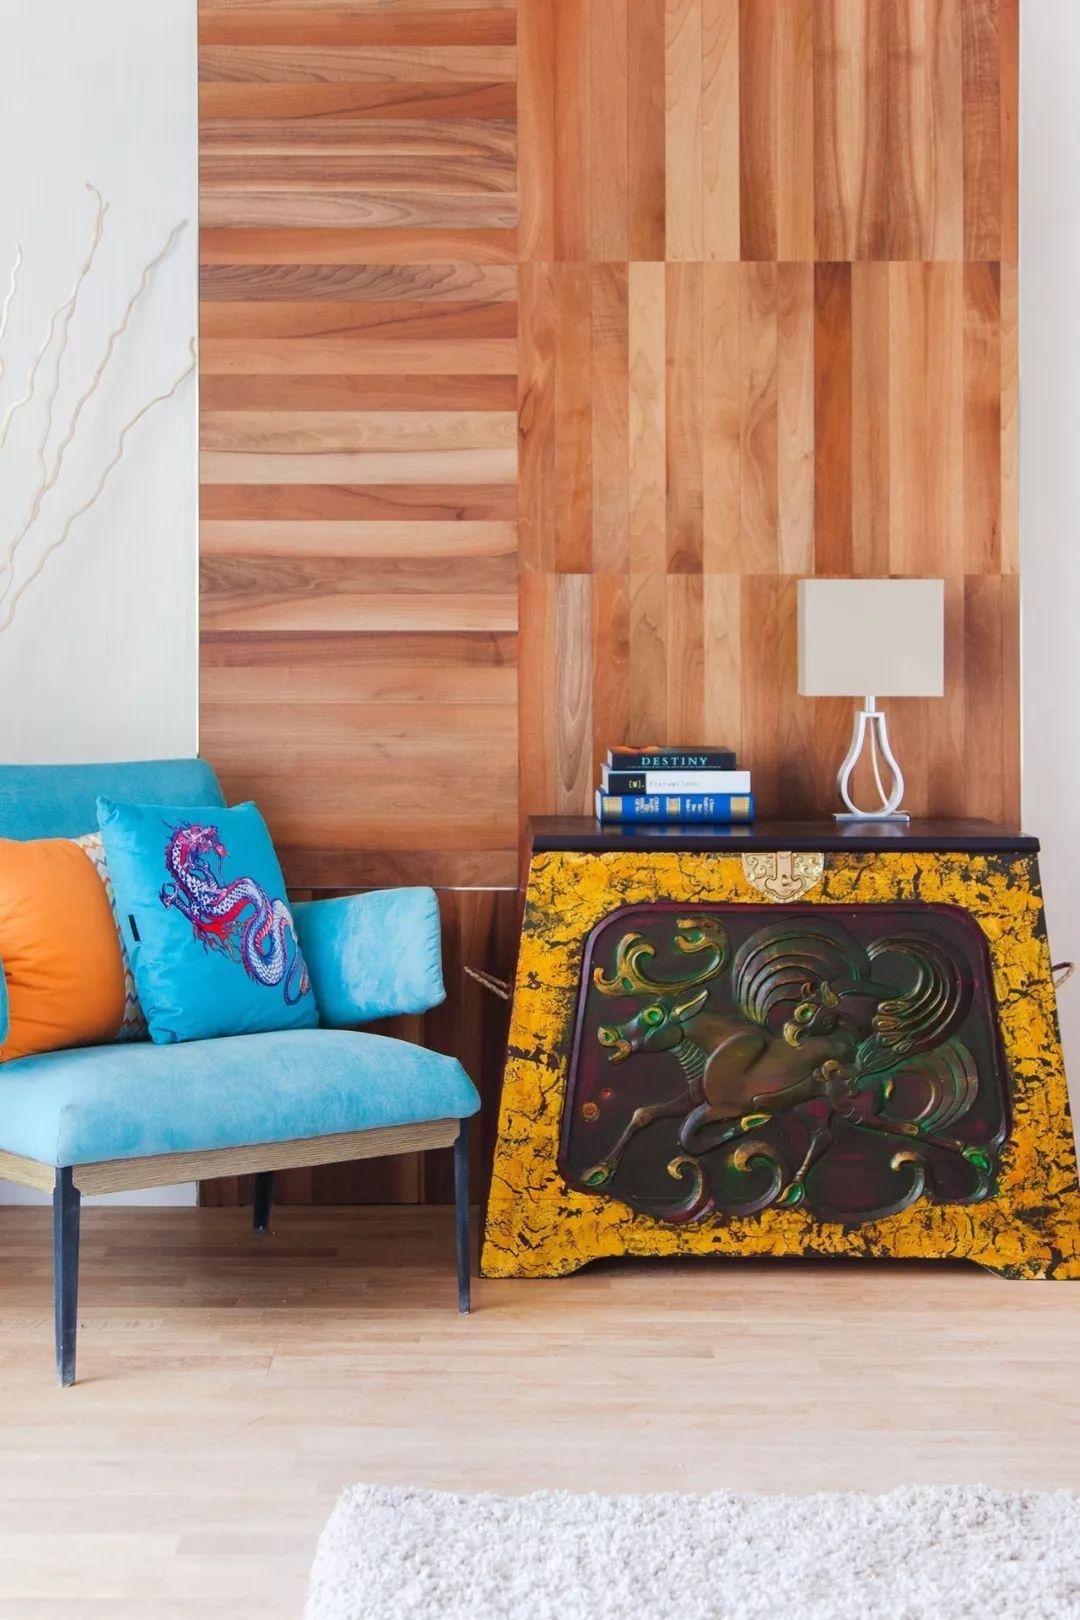 蒙古国设计的蒙古包家具和用品,太漂亮了~ 第3张